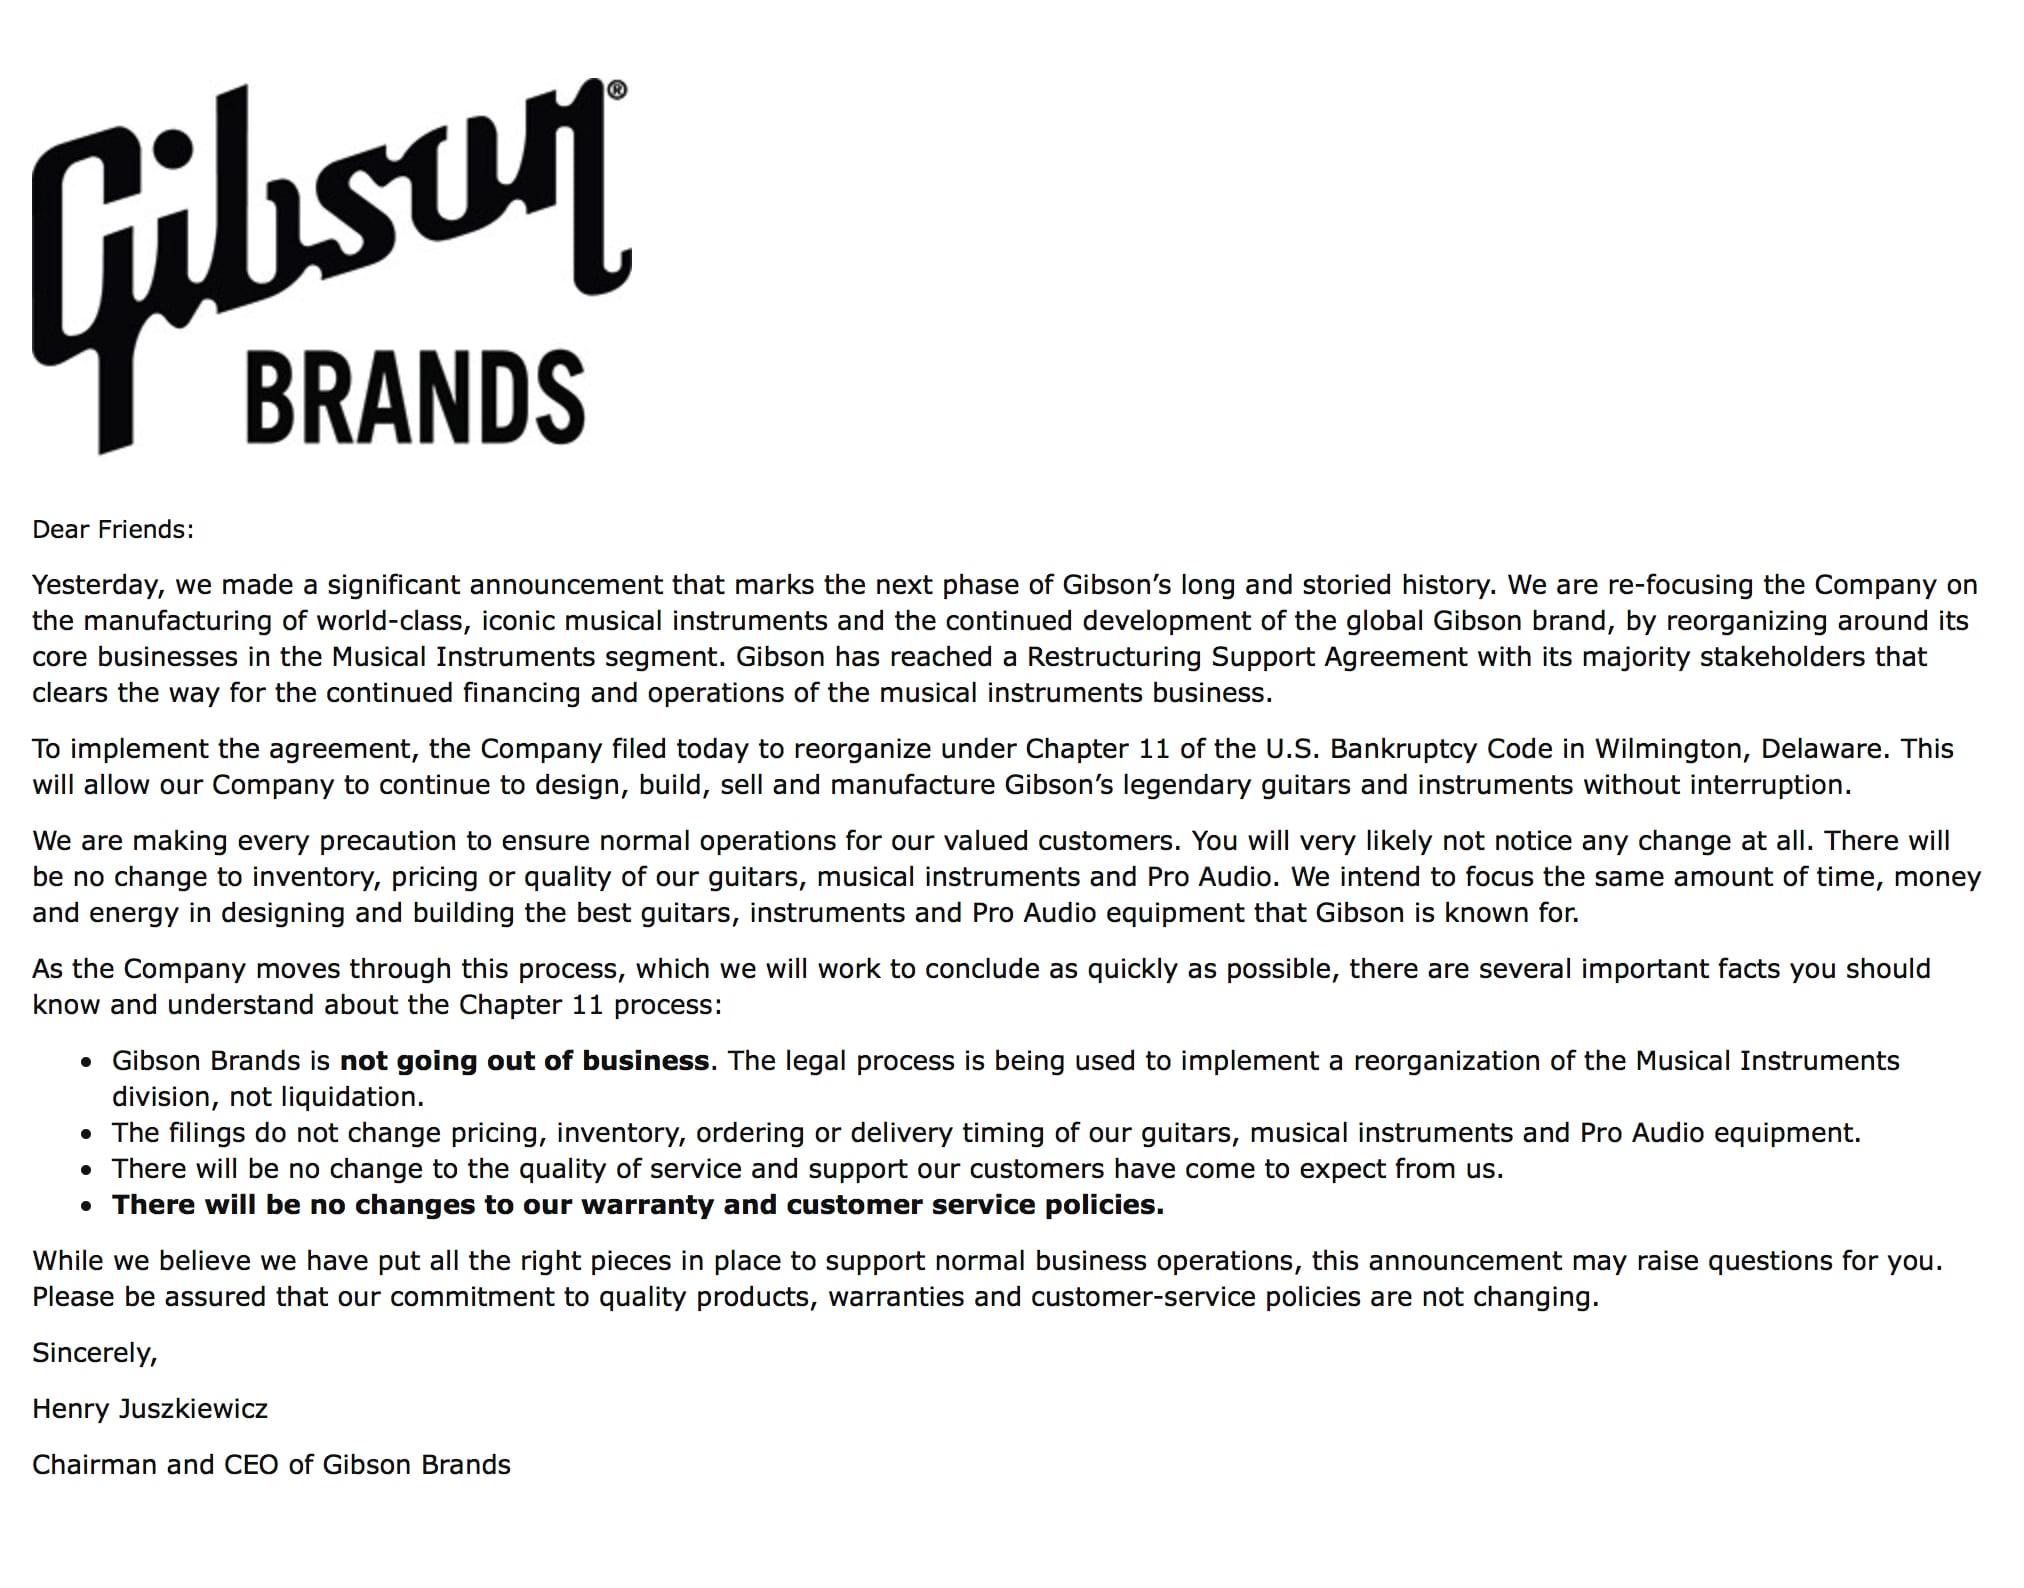 Gibson Henry Juszkiewicz statement